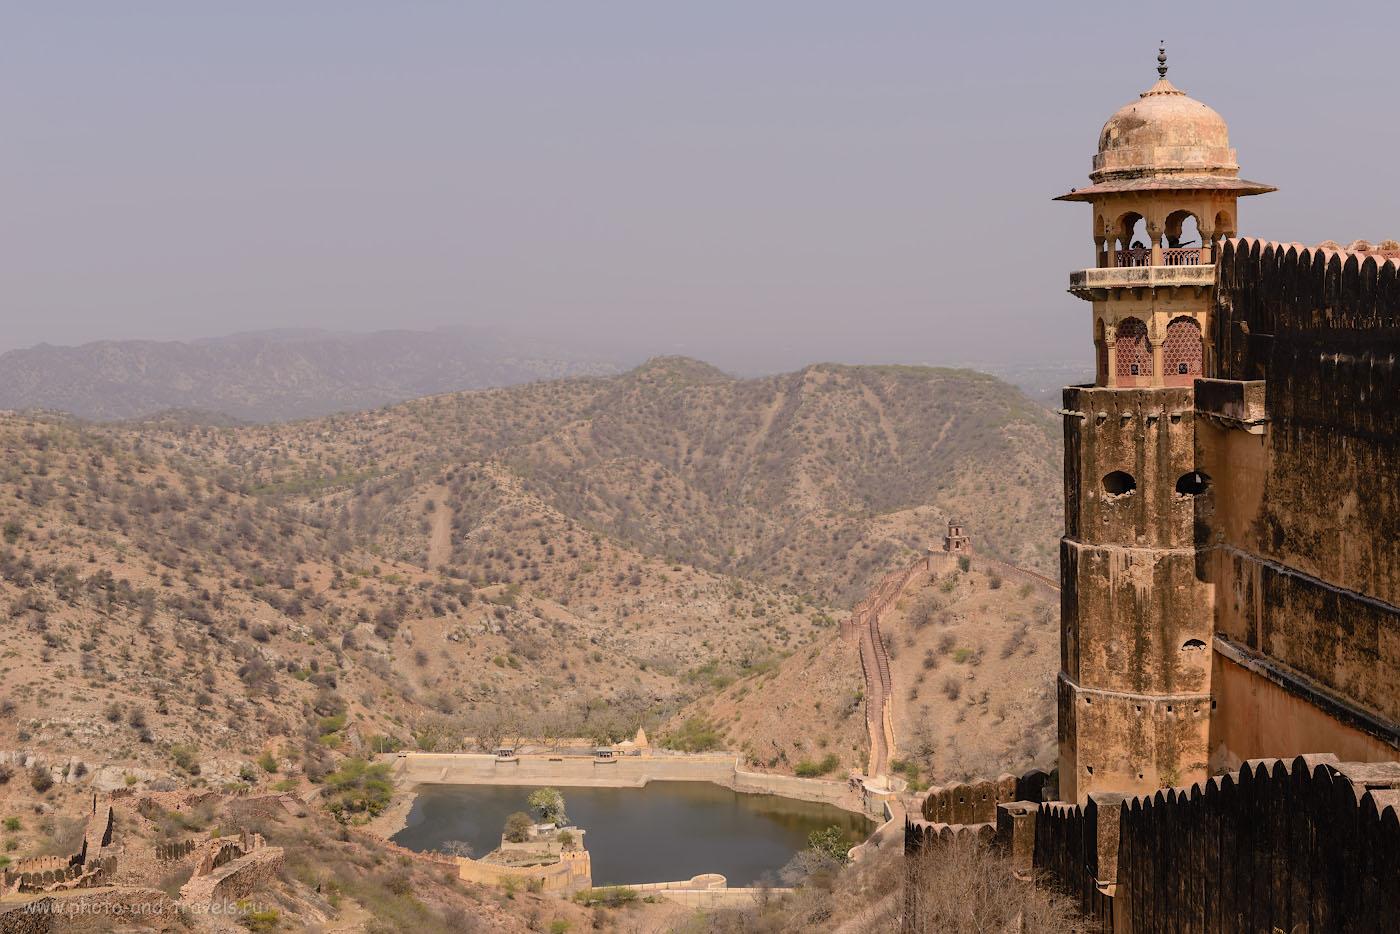 Фото 21. Чудесный пейзаж открывается на окрестные горы и озеро Хануман Сагар с башни крепости Джайгарх в Джайпуре. Отзывы о поездке по «Золотому треугольнику» Индии самостоятельно. 1/320, -0.33, 9.0, 100, 50.